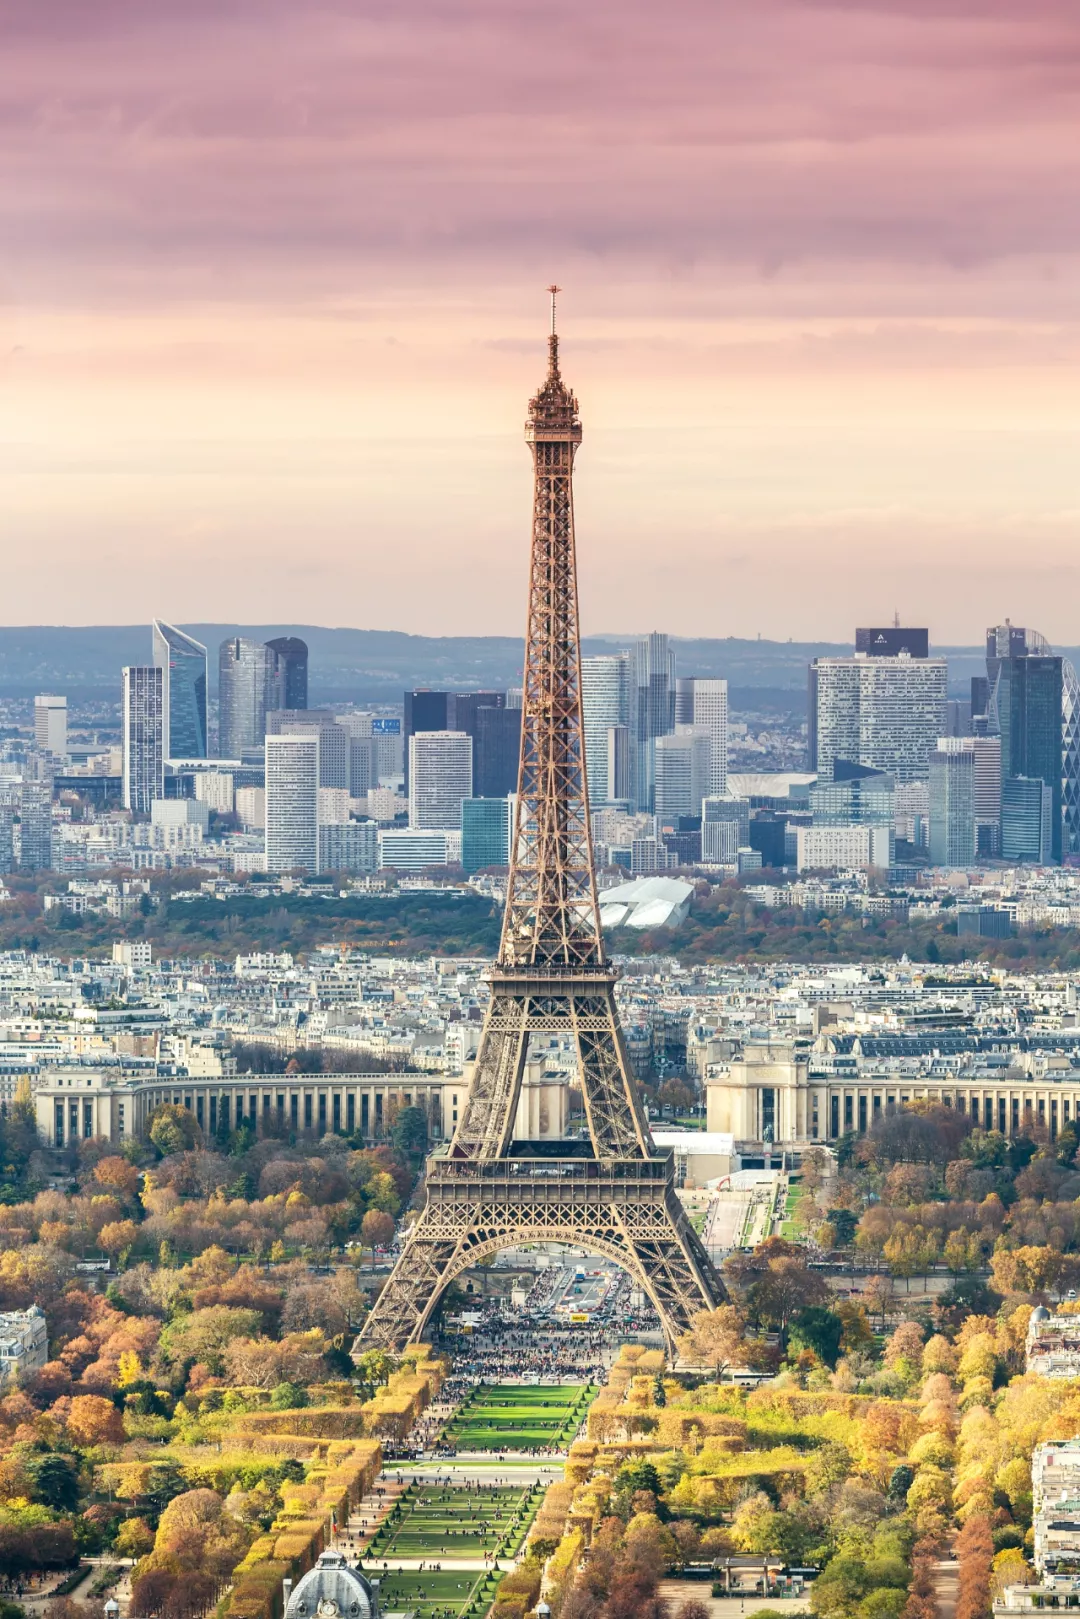 只知香水、法餐、埃菲尔铁塔?你可能还不够了解法国……